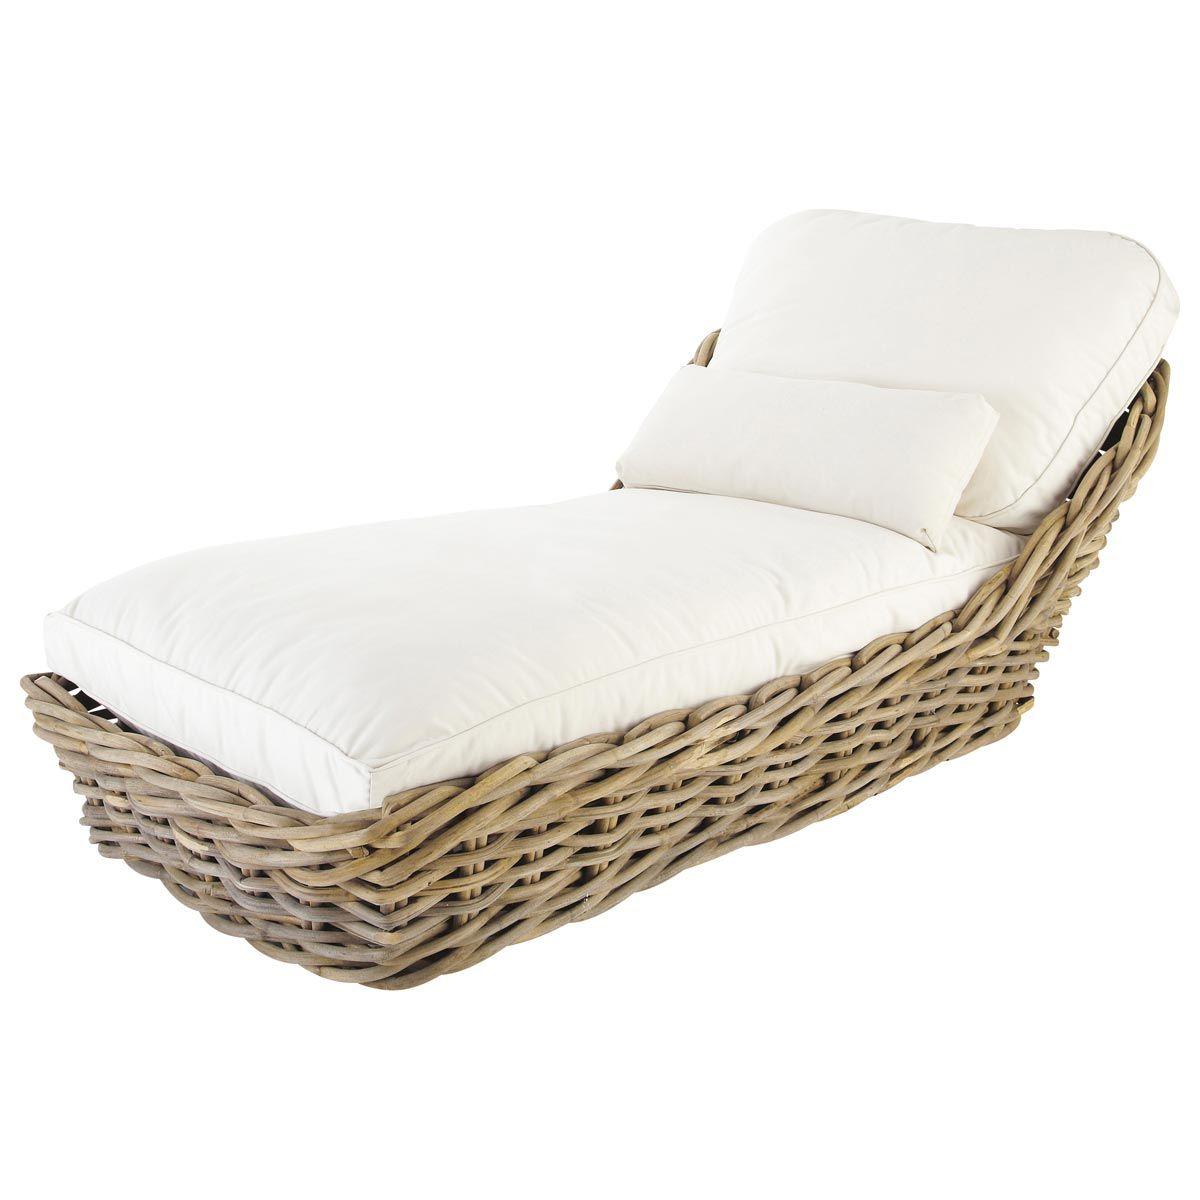 Chaise longue de jardín de mimbre y cojines marfil | Pinterest ...